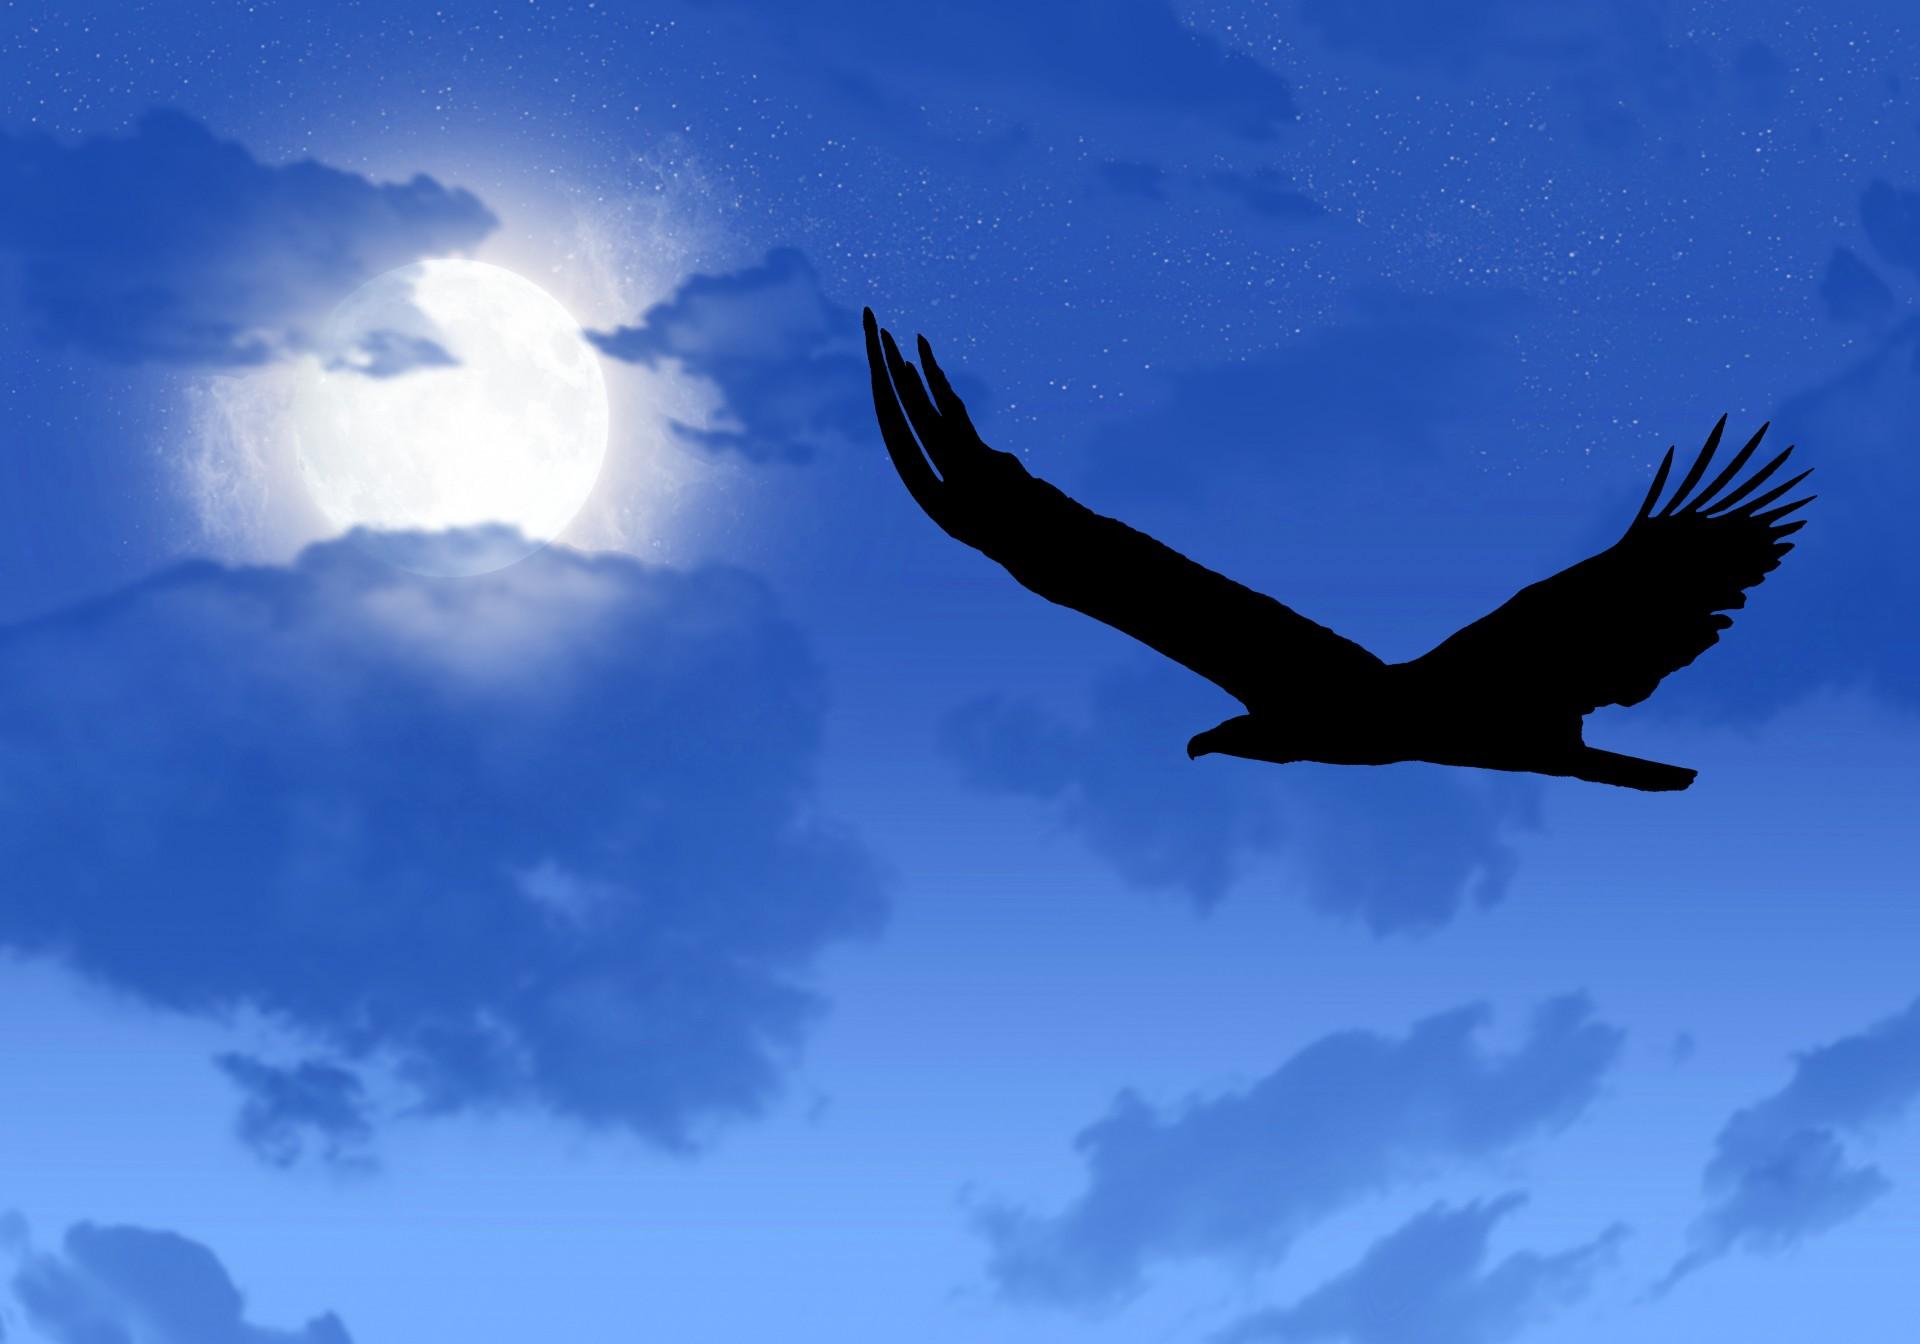 eagle, moon, flying